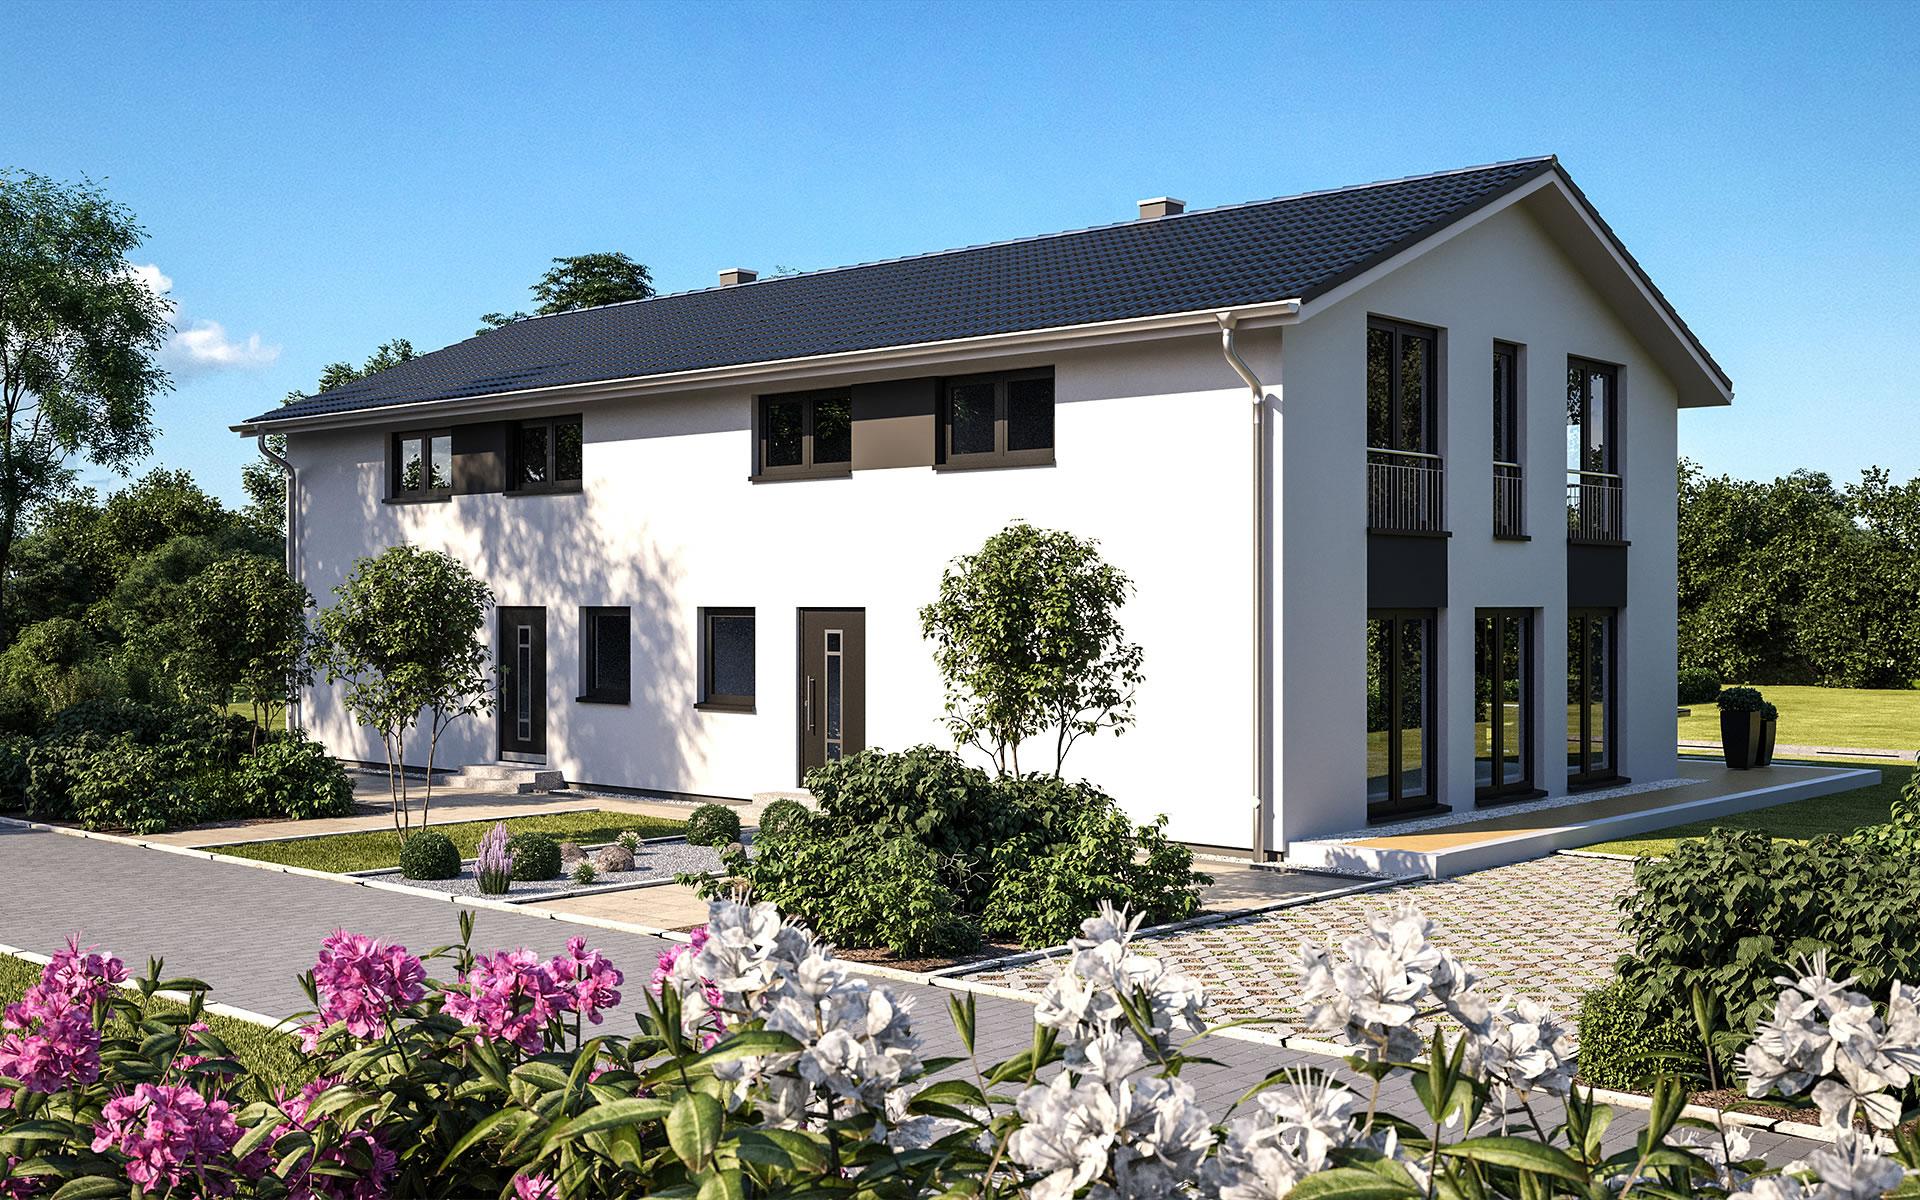 Duo 141 - Bärenhaus - das fertige Haus GmbH